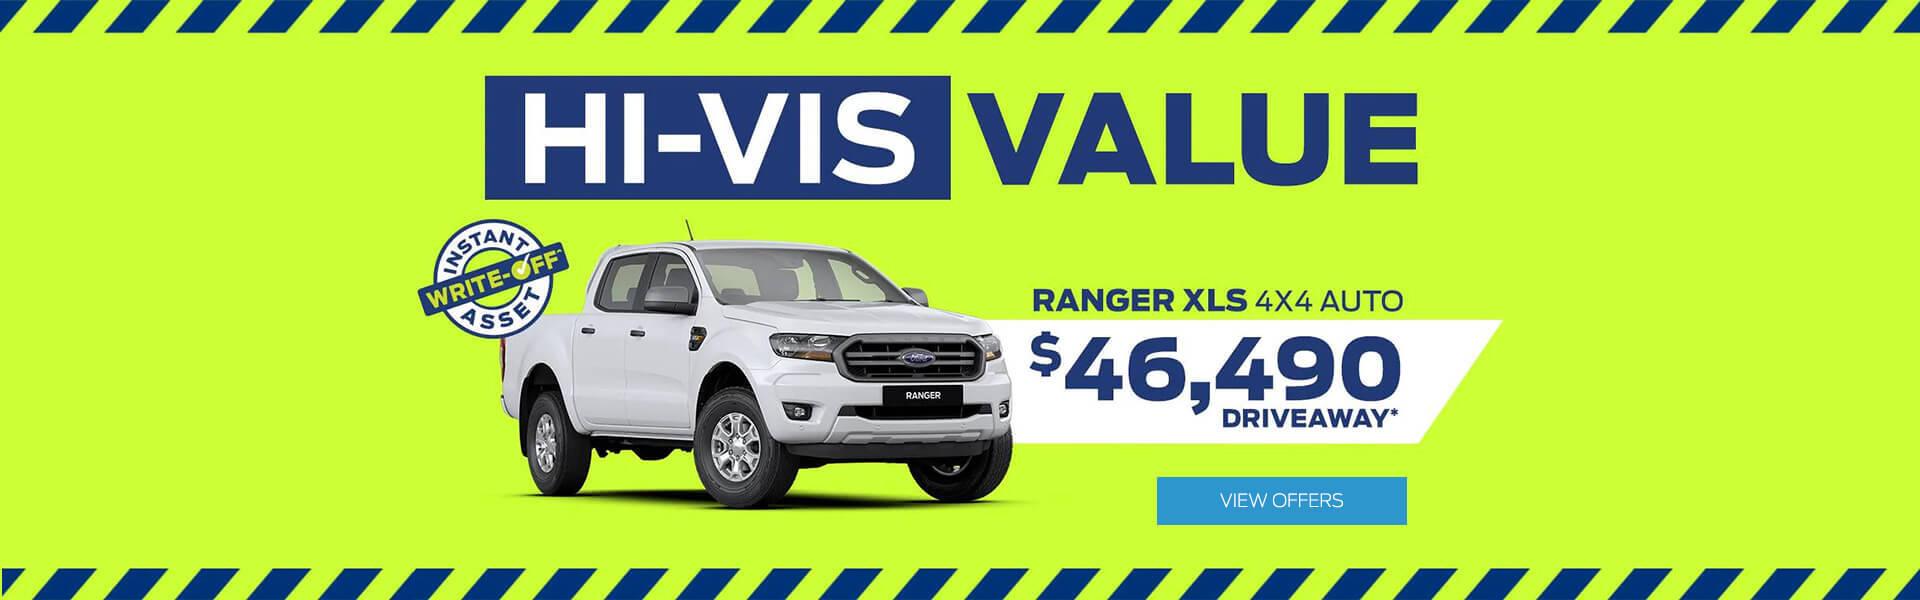 Hi-Vis Value Ranger XLS 4x4 AUTO